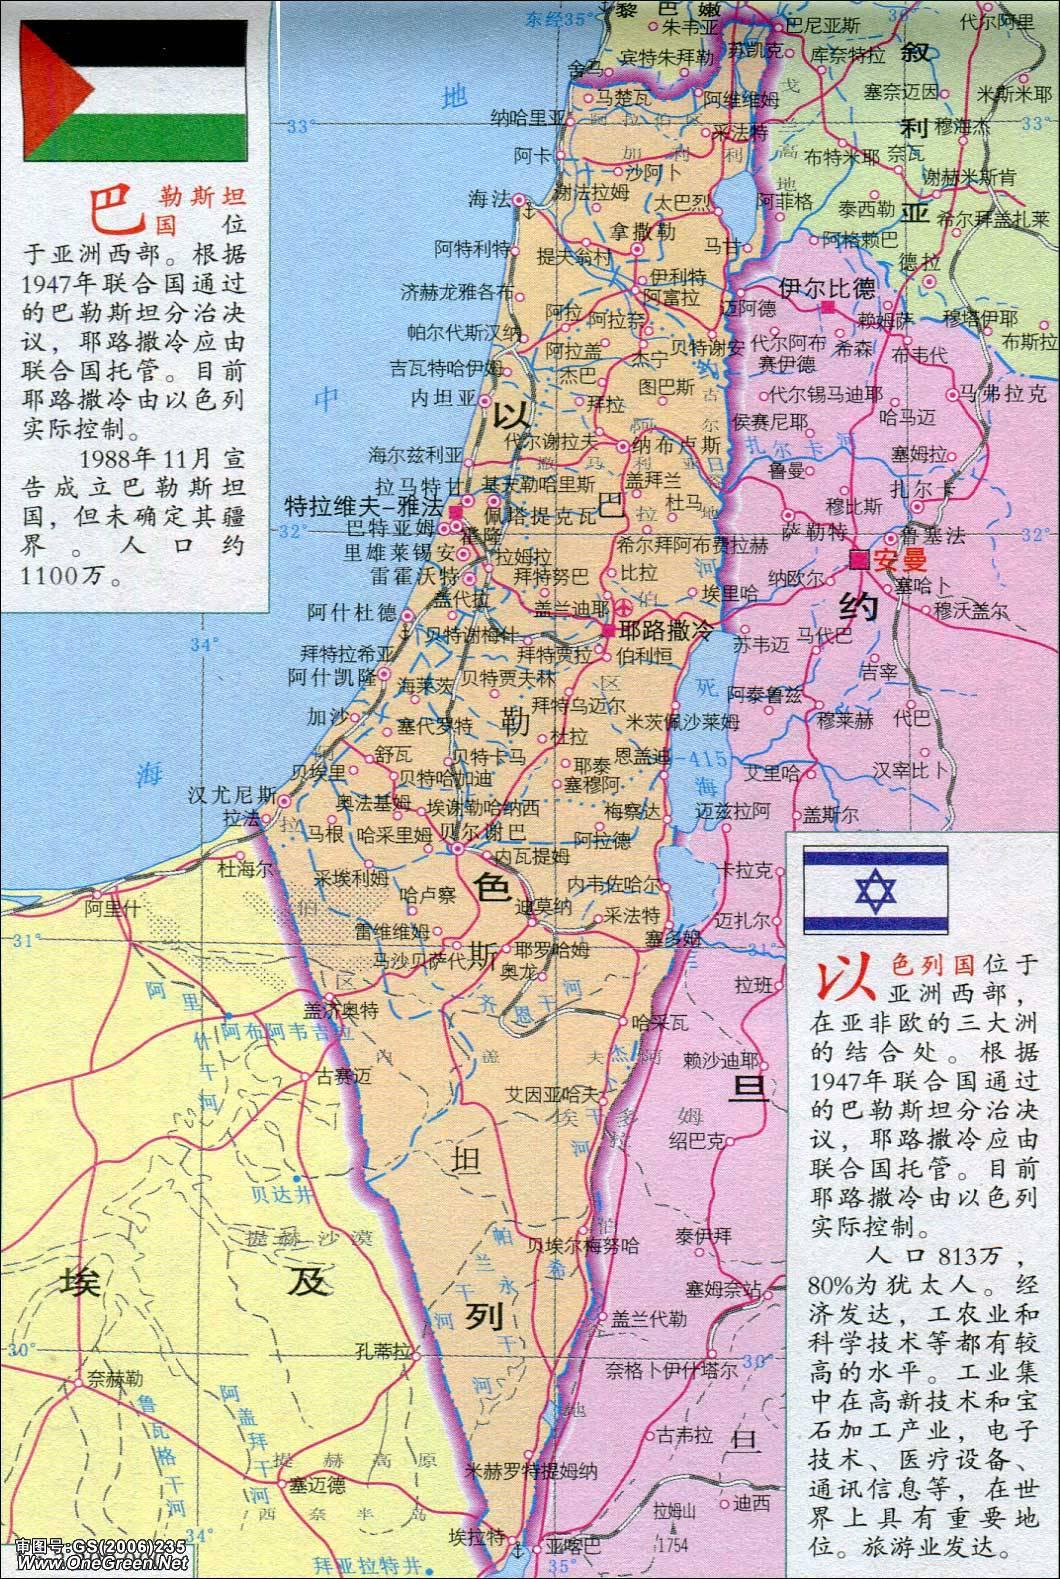 荷蘭 地圖 中文 版